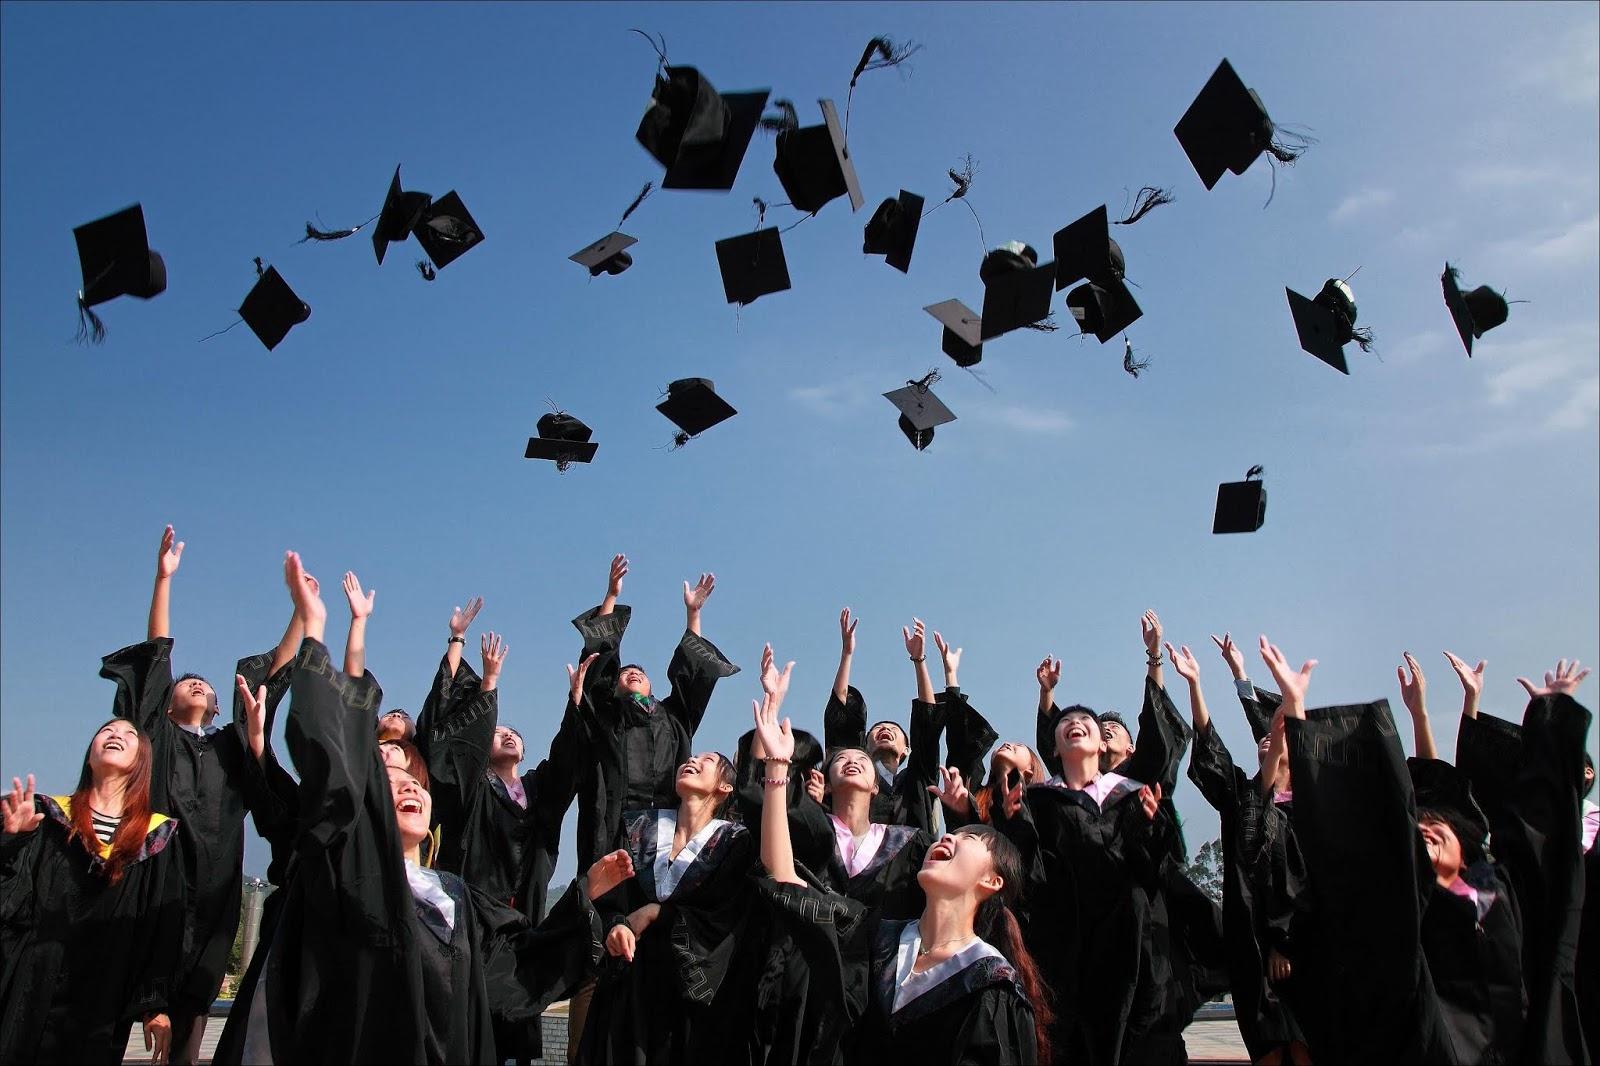 تهنئة,تهنئة بالنجاح,بالنجاح,مبروك النجاح,النجاح,تهاني النجاح,تهنئة بالتخرج والنجاح,تهنئة بالتخرج,انشودة عن النجاح,أغنية عن النجاح,مباركة بالنجاح,اغاني النجاح,مبروك,عبارات,تهنئه بالنجاح,نتيجة الثانوية العامة,برقية تهنئة بالنجاح,بطاقة تهنئة بالنجاح